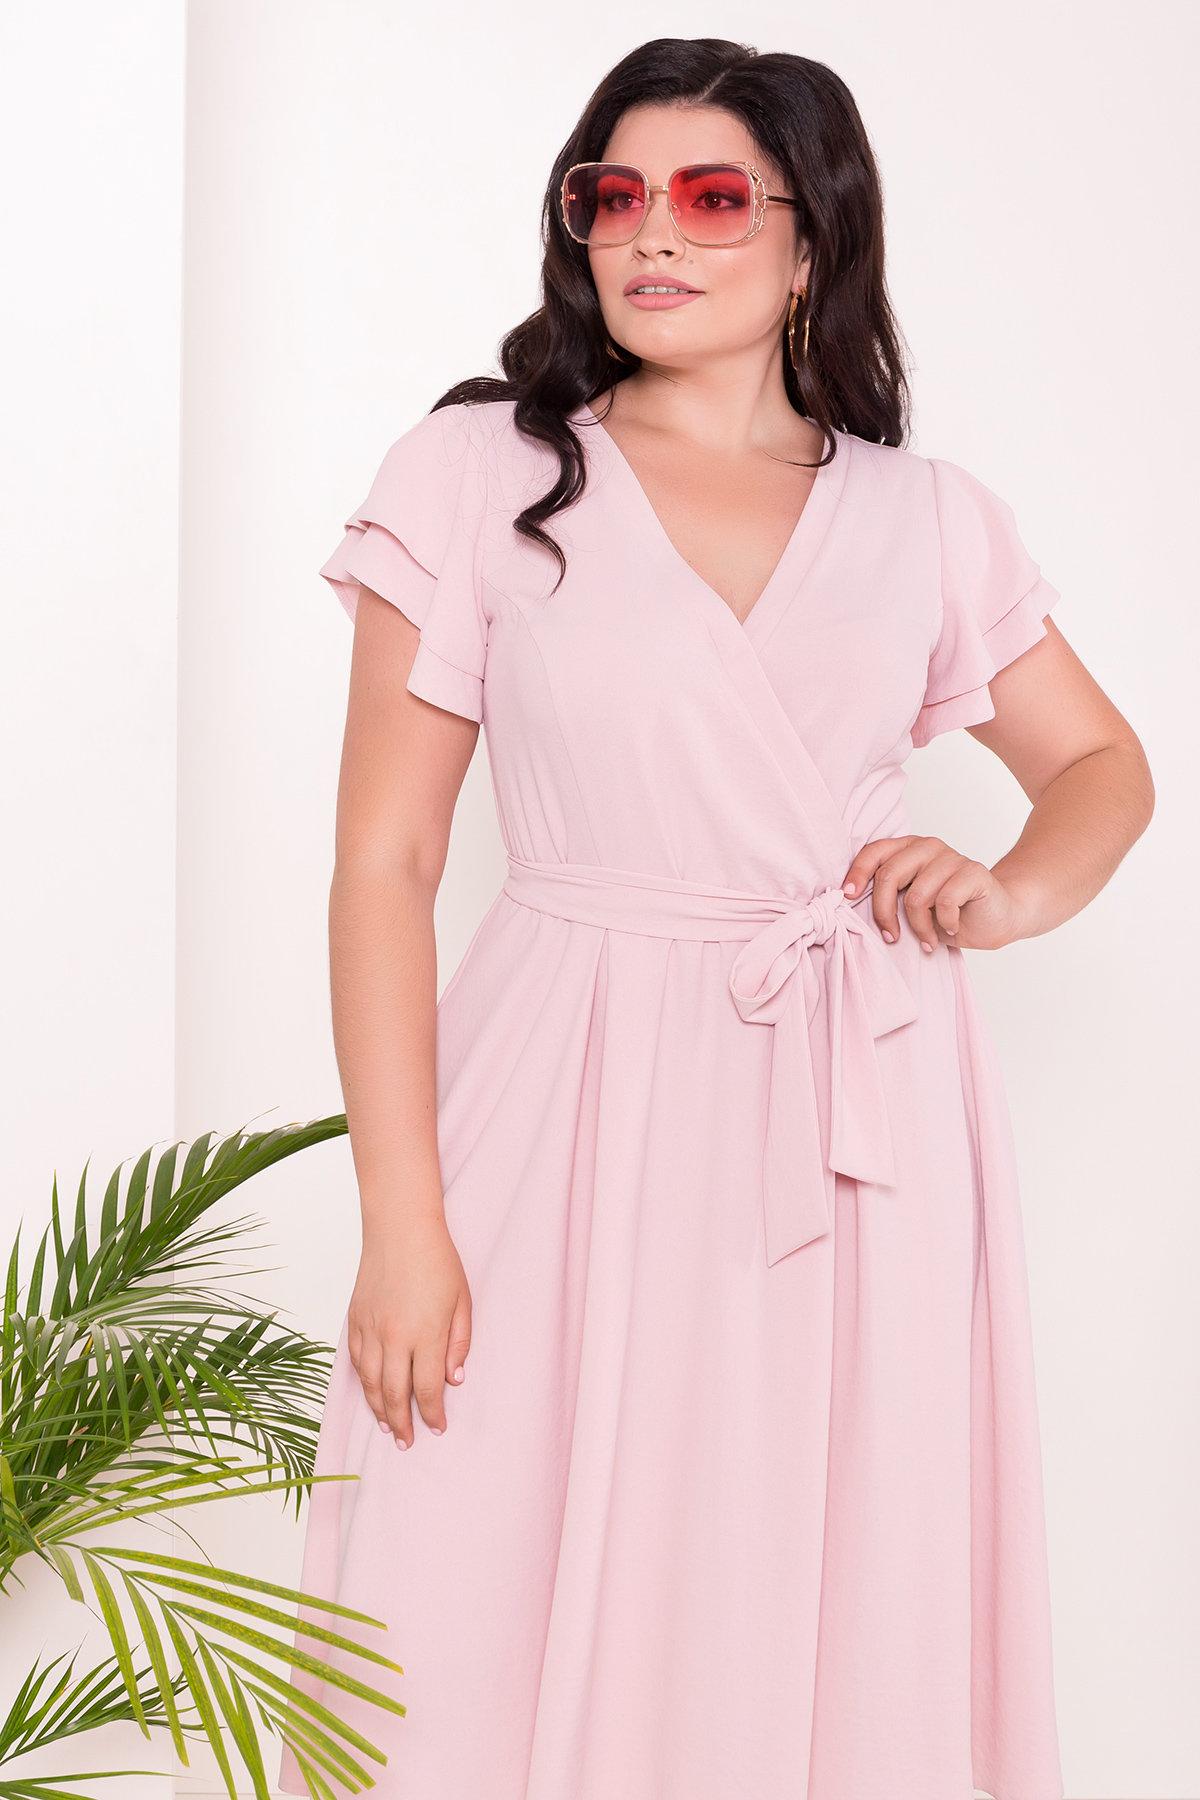 Платье Аделиса DONNA 7355 АРТ. 43165 Цвет: Розовый - фото 3, интернет магазин tm-modus.ru